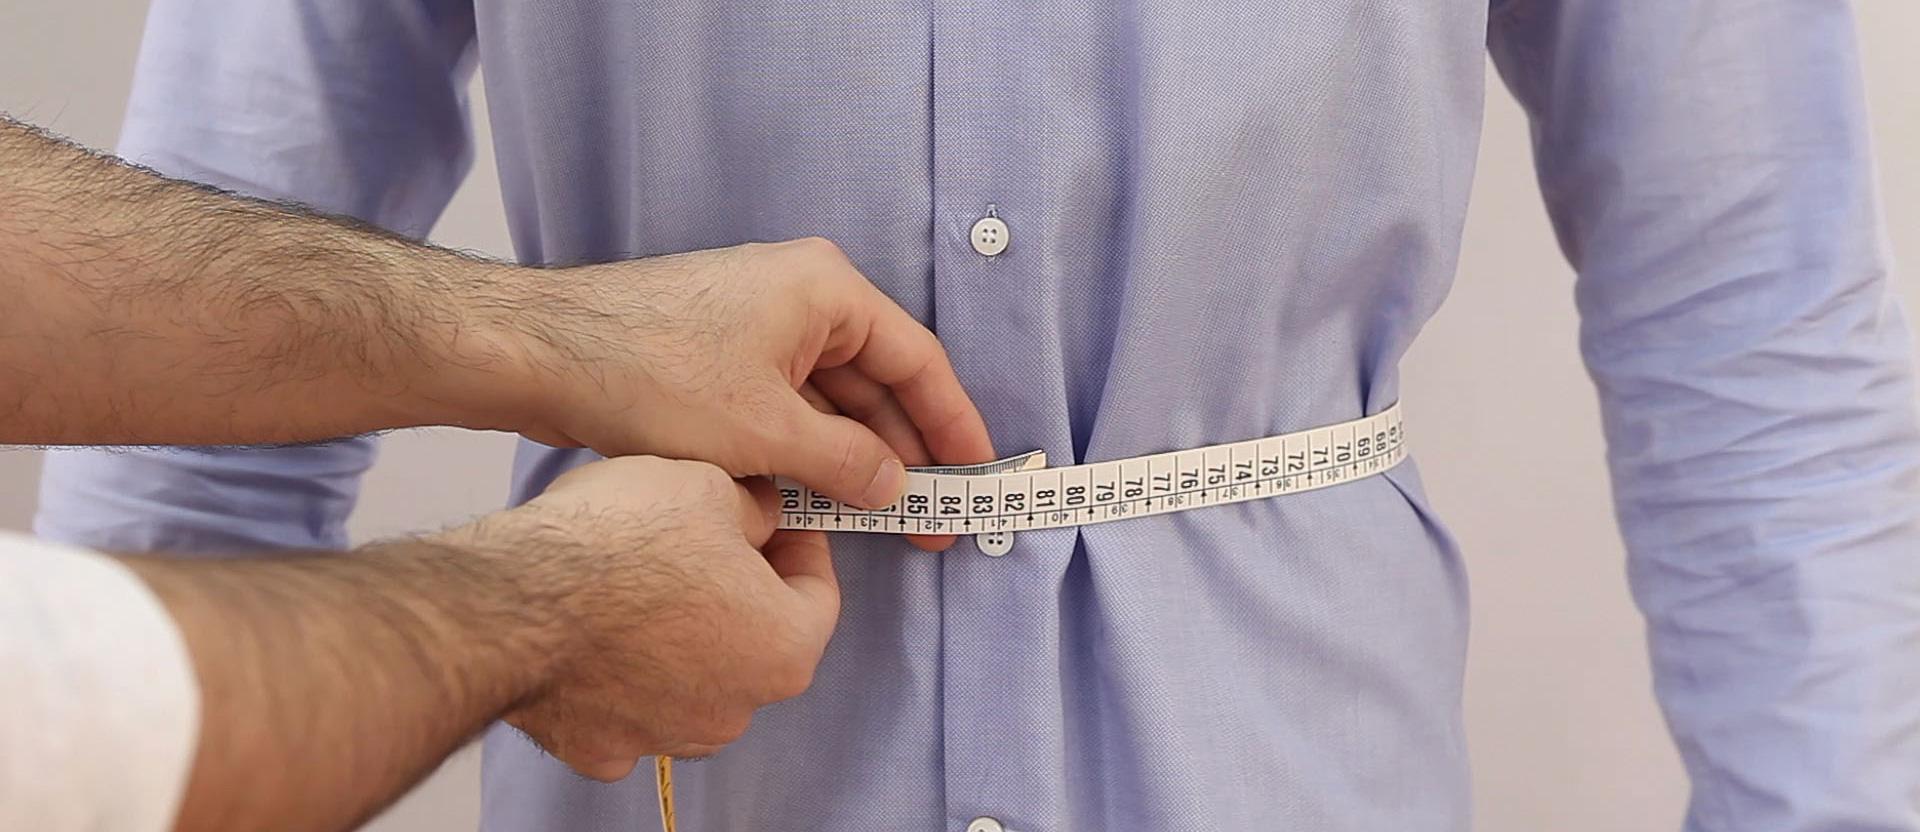 misurare.jpg